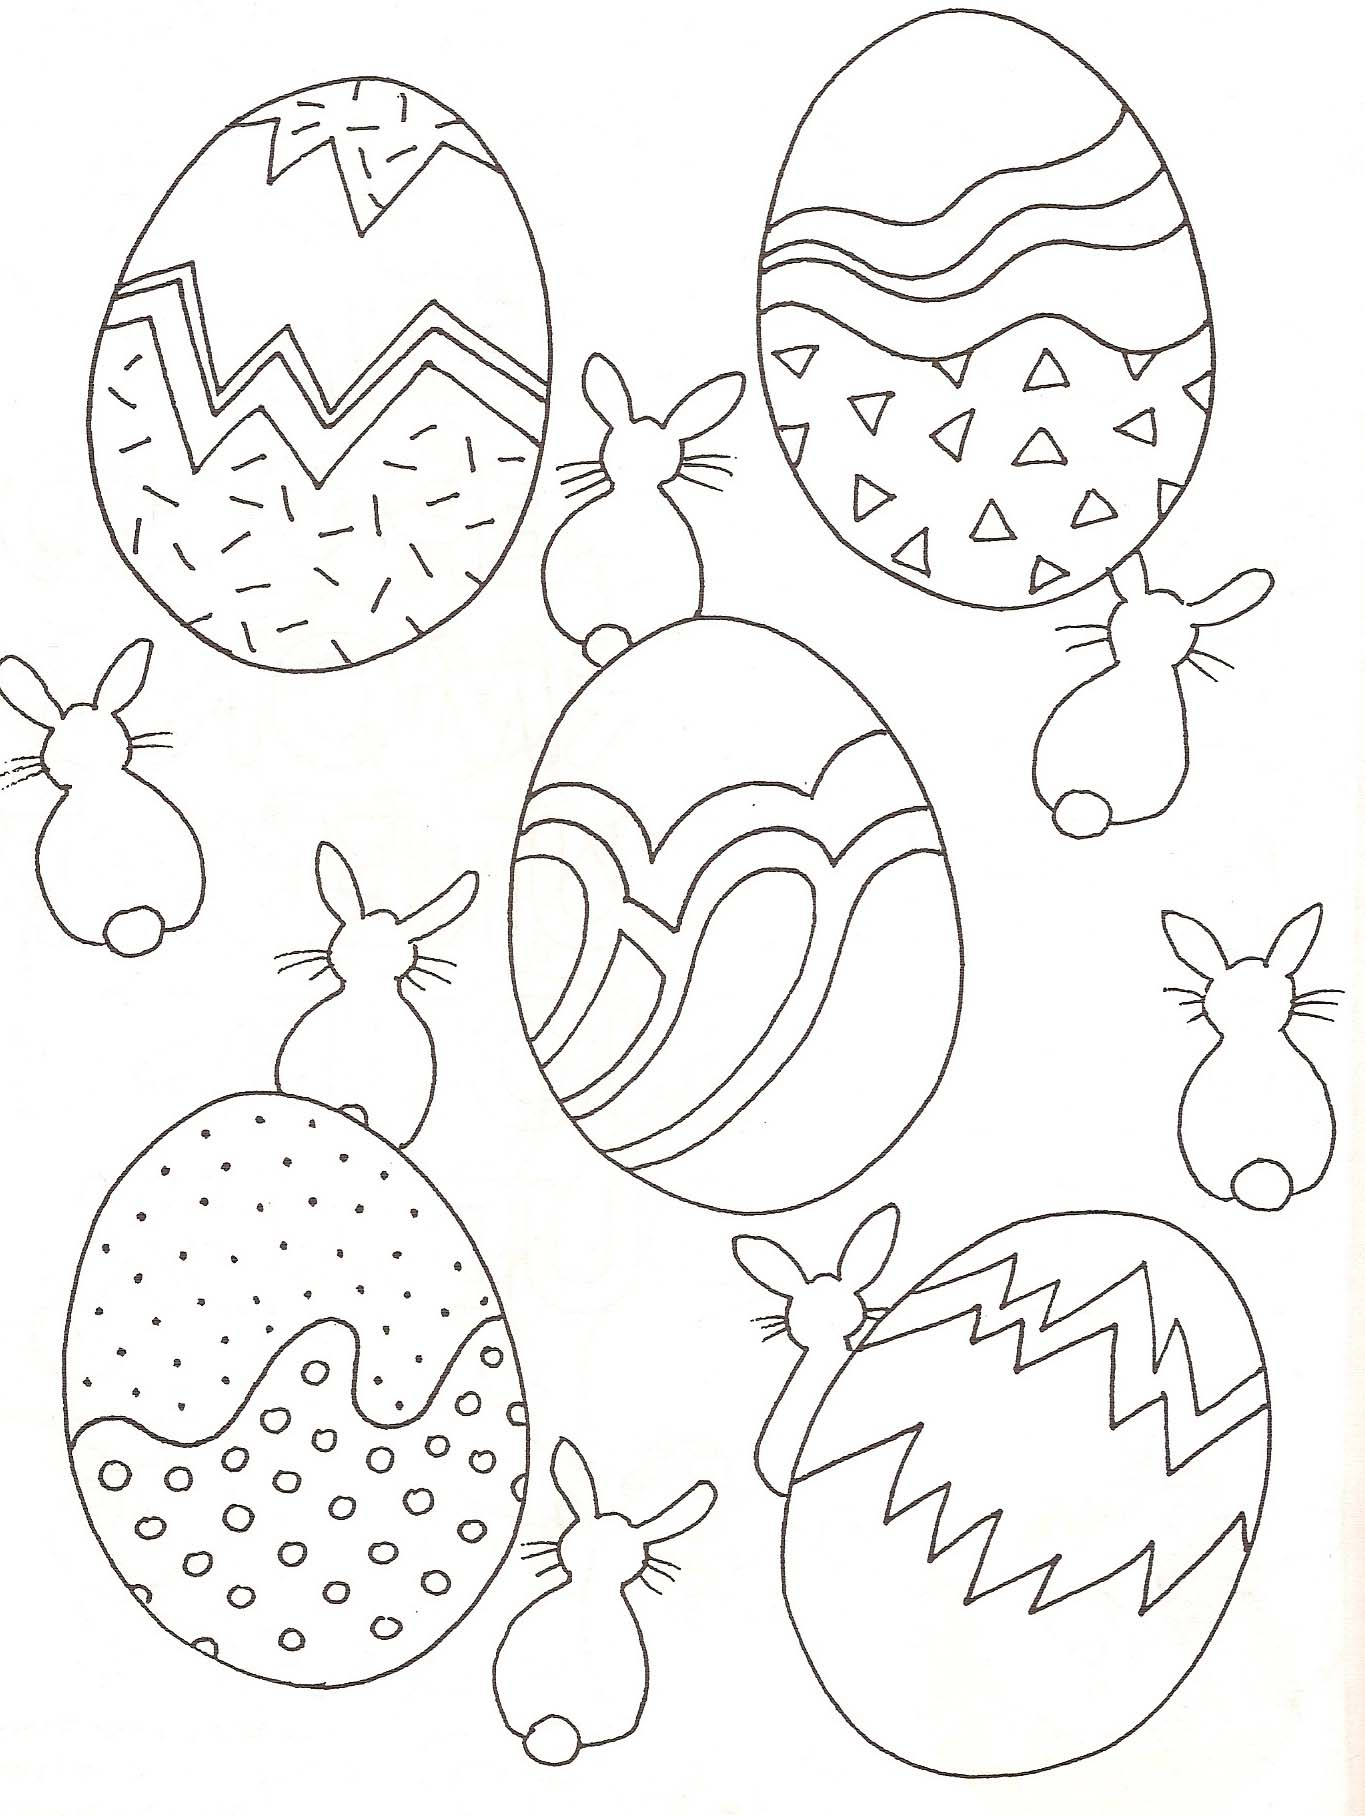 Coloriage Oeuf Paques Gratuit.27 Dessins De Coloriage Oeuf De Paques A Imprimer